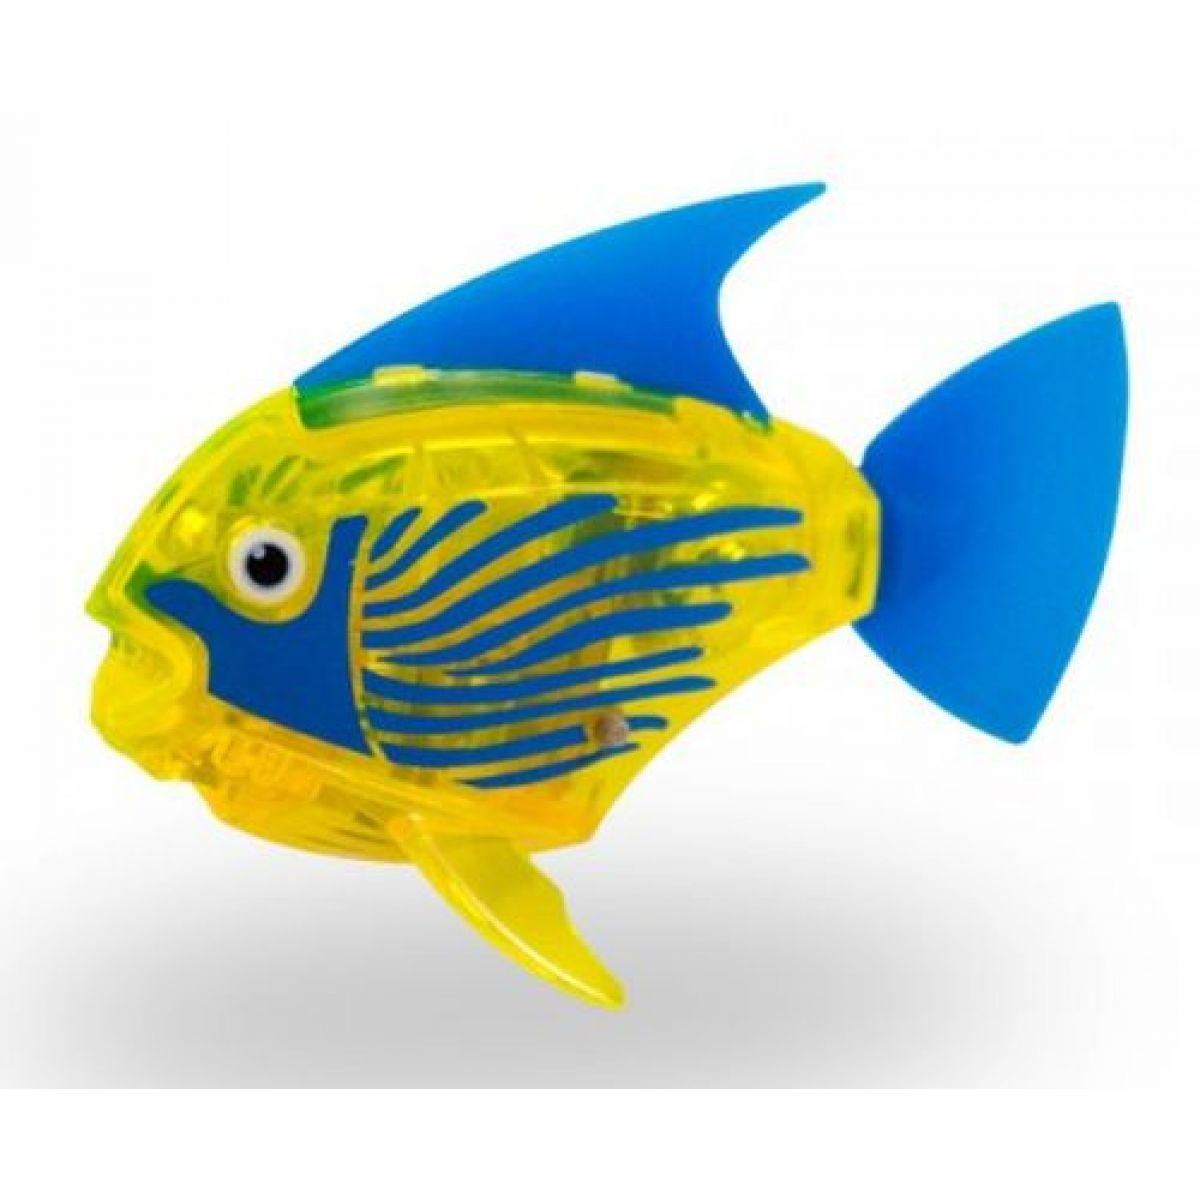 Hexbug Aquabot Led deco - Žlutá